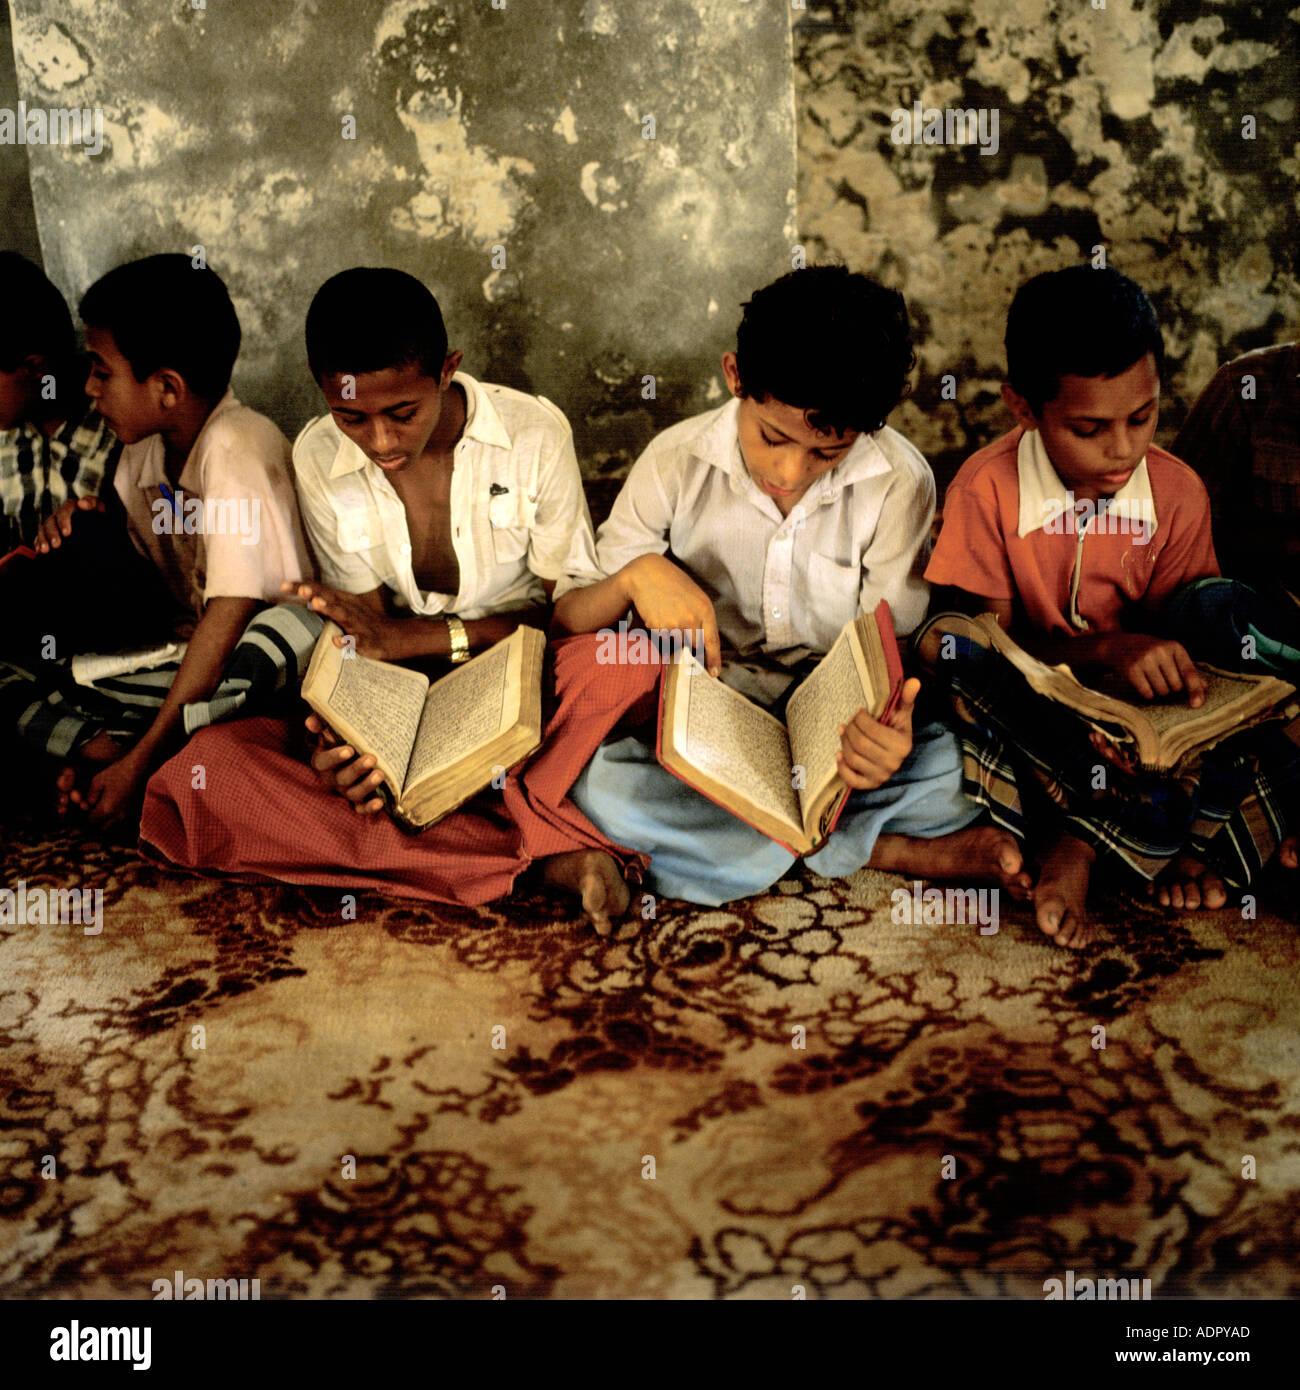 Boys learning from the Koran Zabid Tihama Yemen Arab Republic - Stock Image